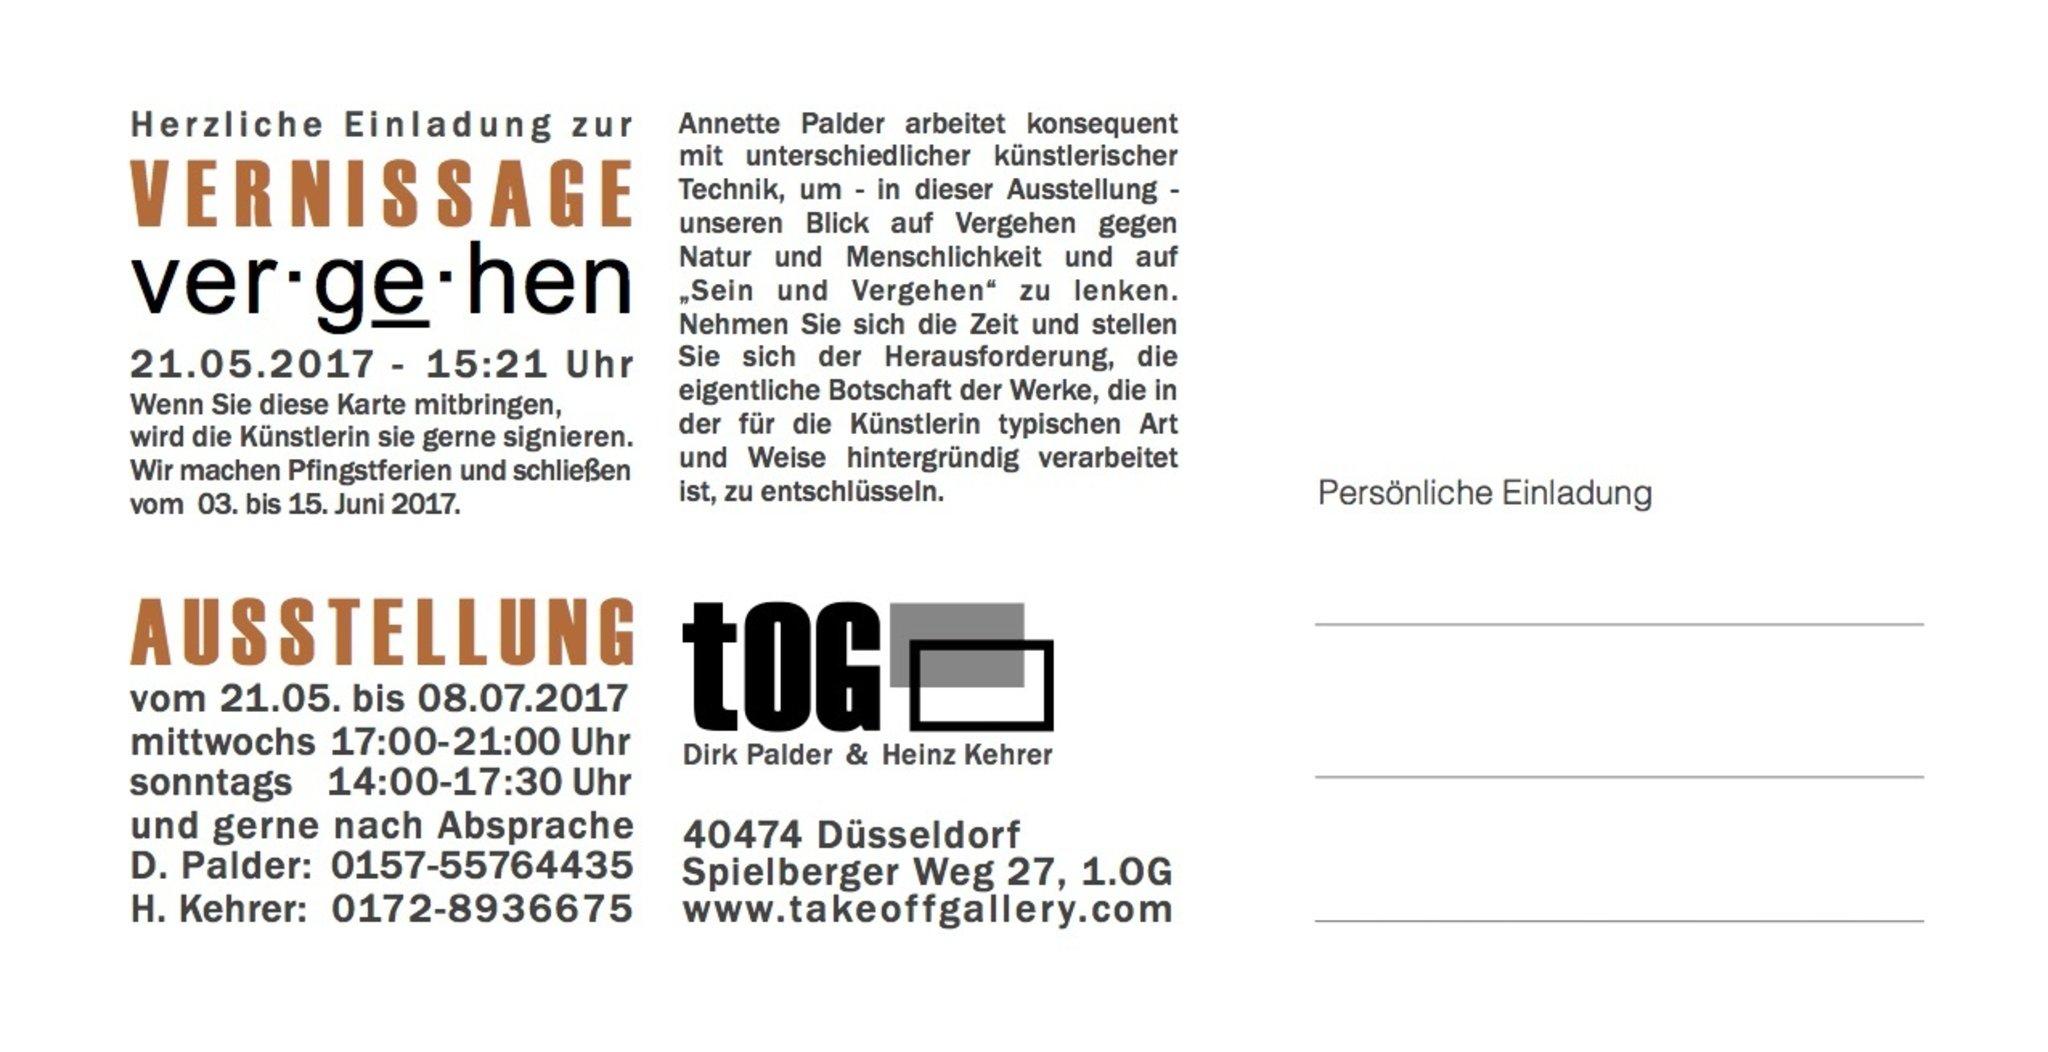 """Ausstellung """"ver·ge̱·hen"""" von Annette Palder"""